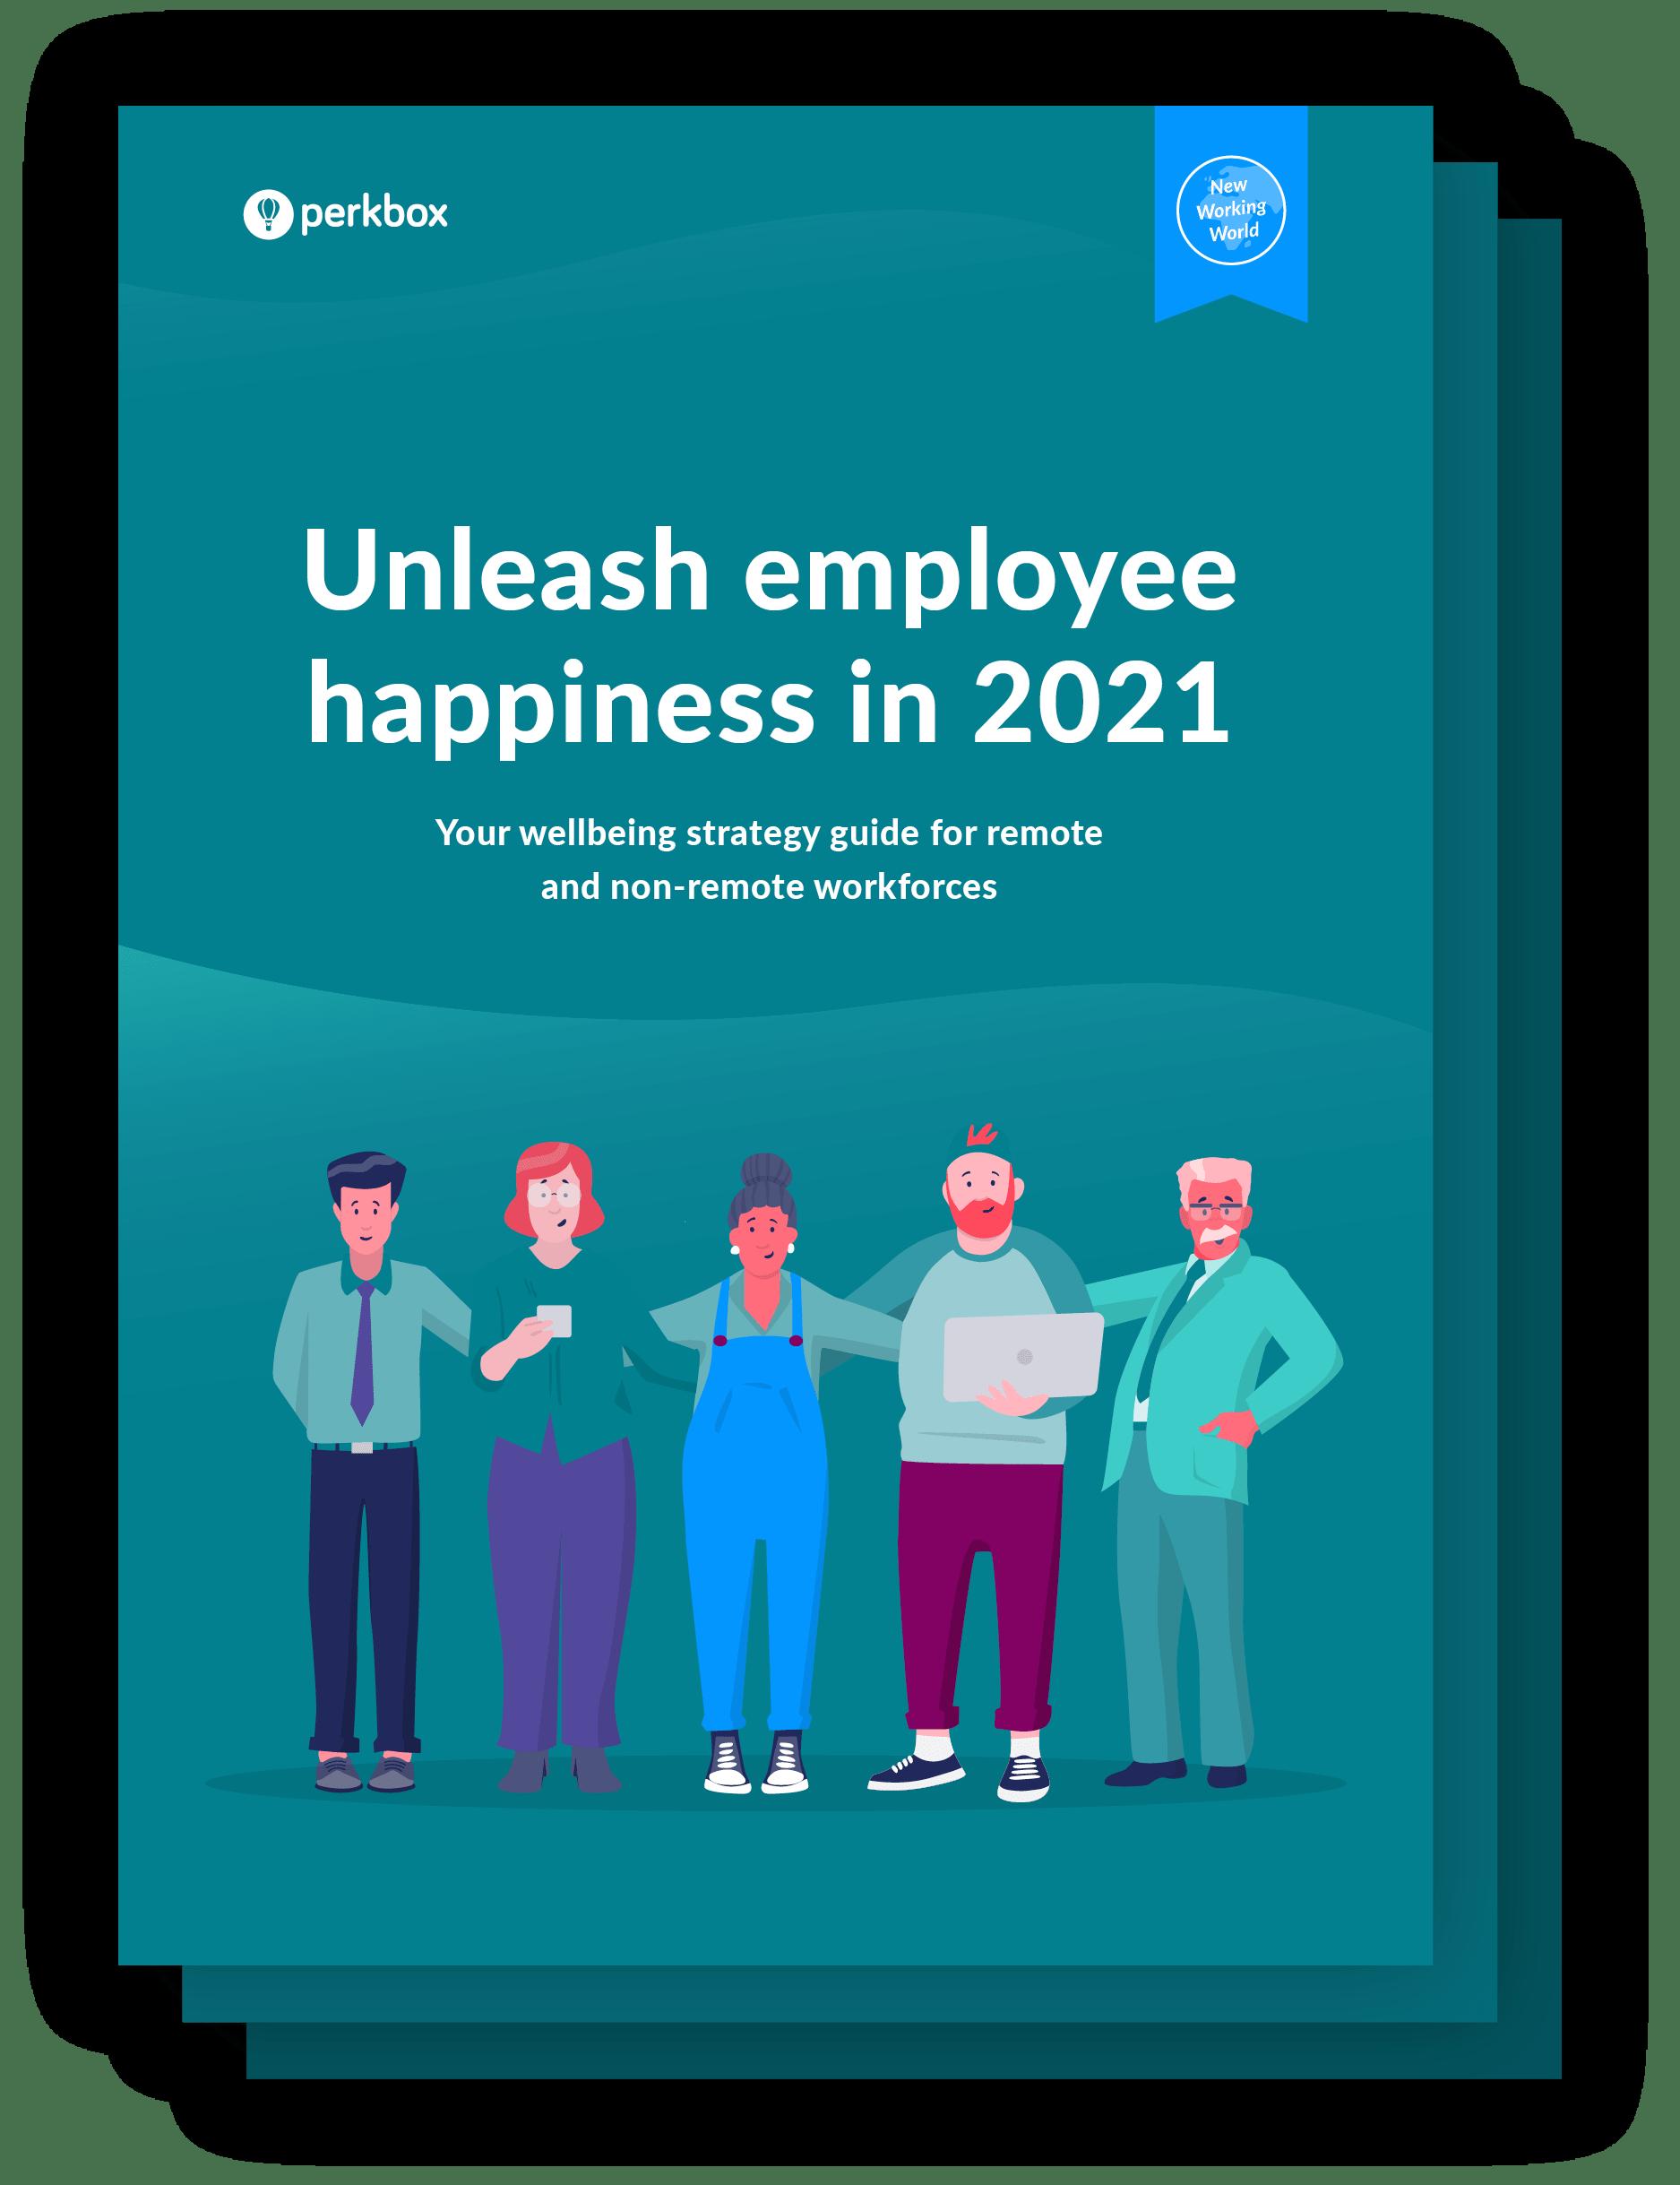 unleash employee happiness